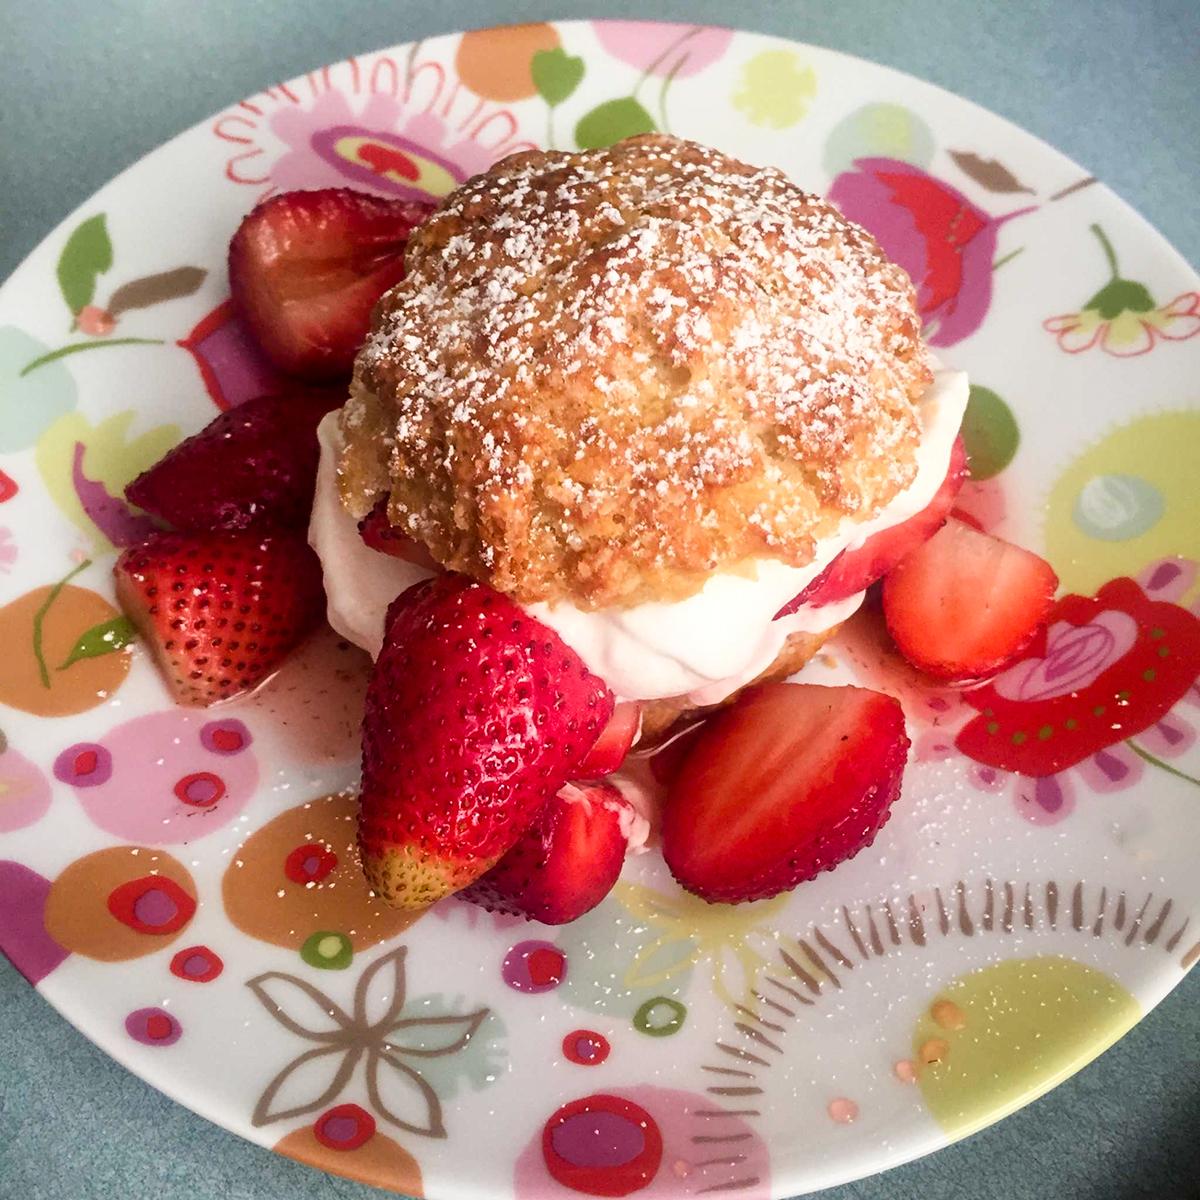 recette de shortcakes aux fraises selon lesley chesterman l 39 anarchie culinaire. Black Bedroom Furniture Sets. Home Design Ideas